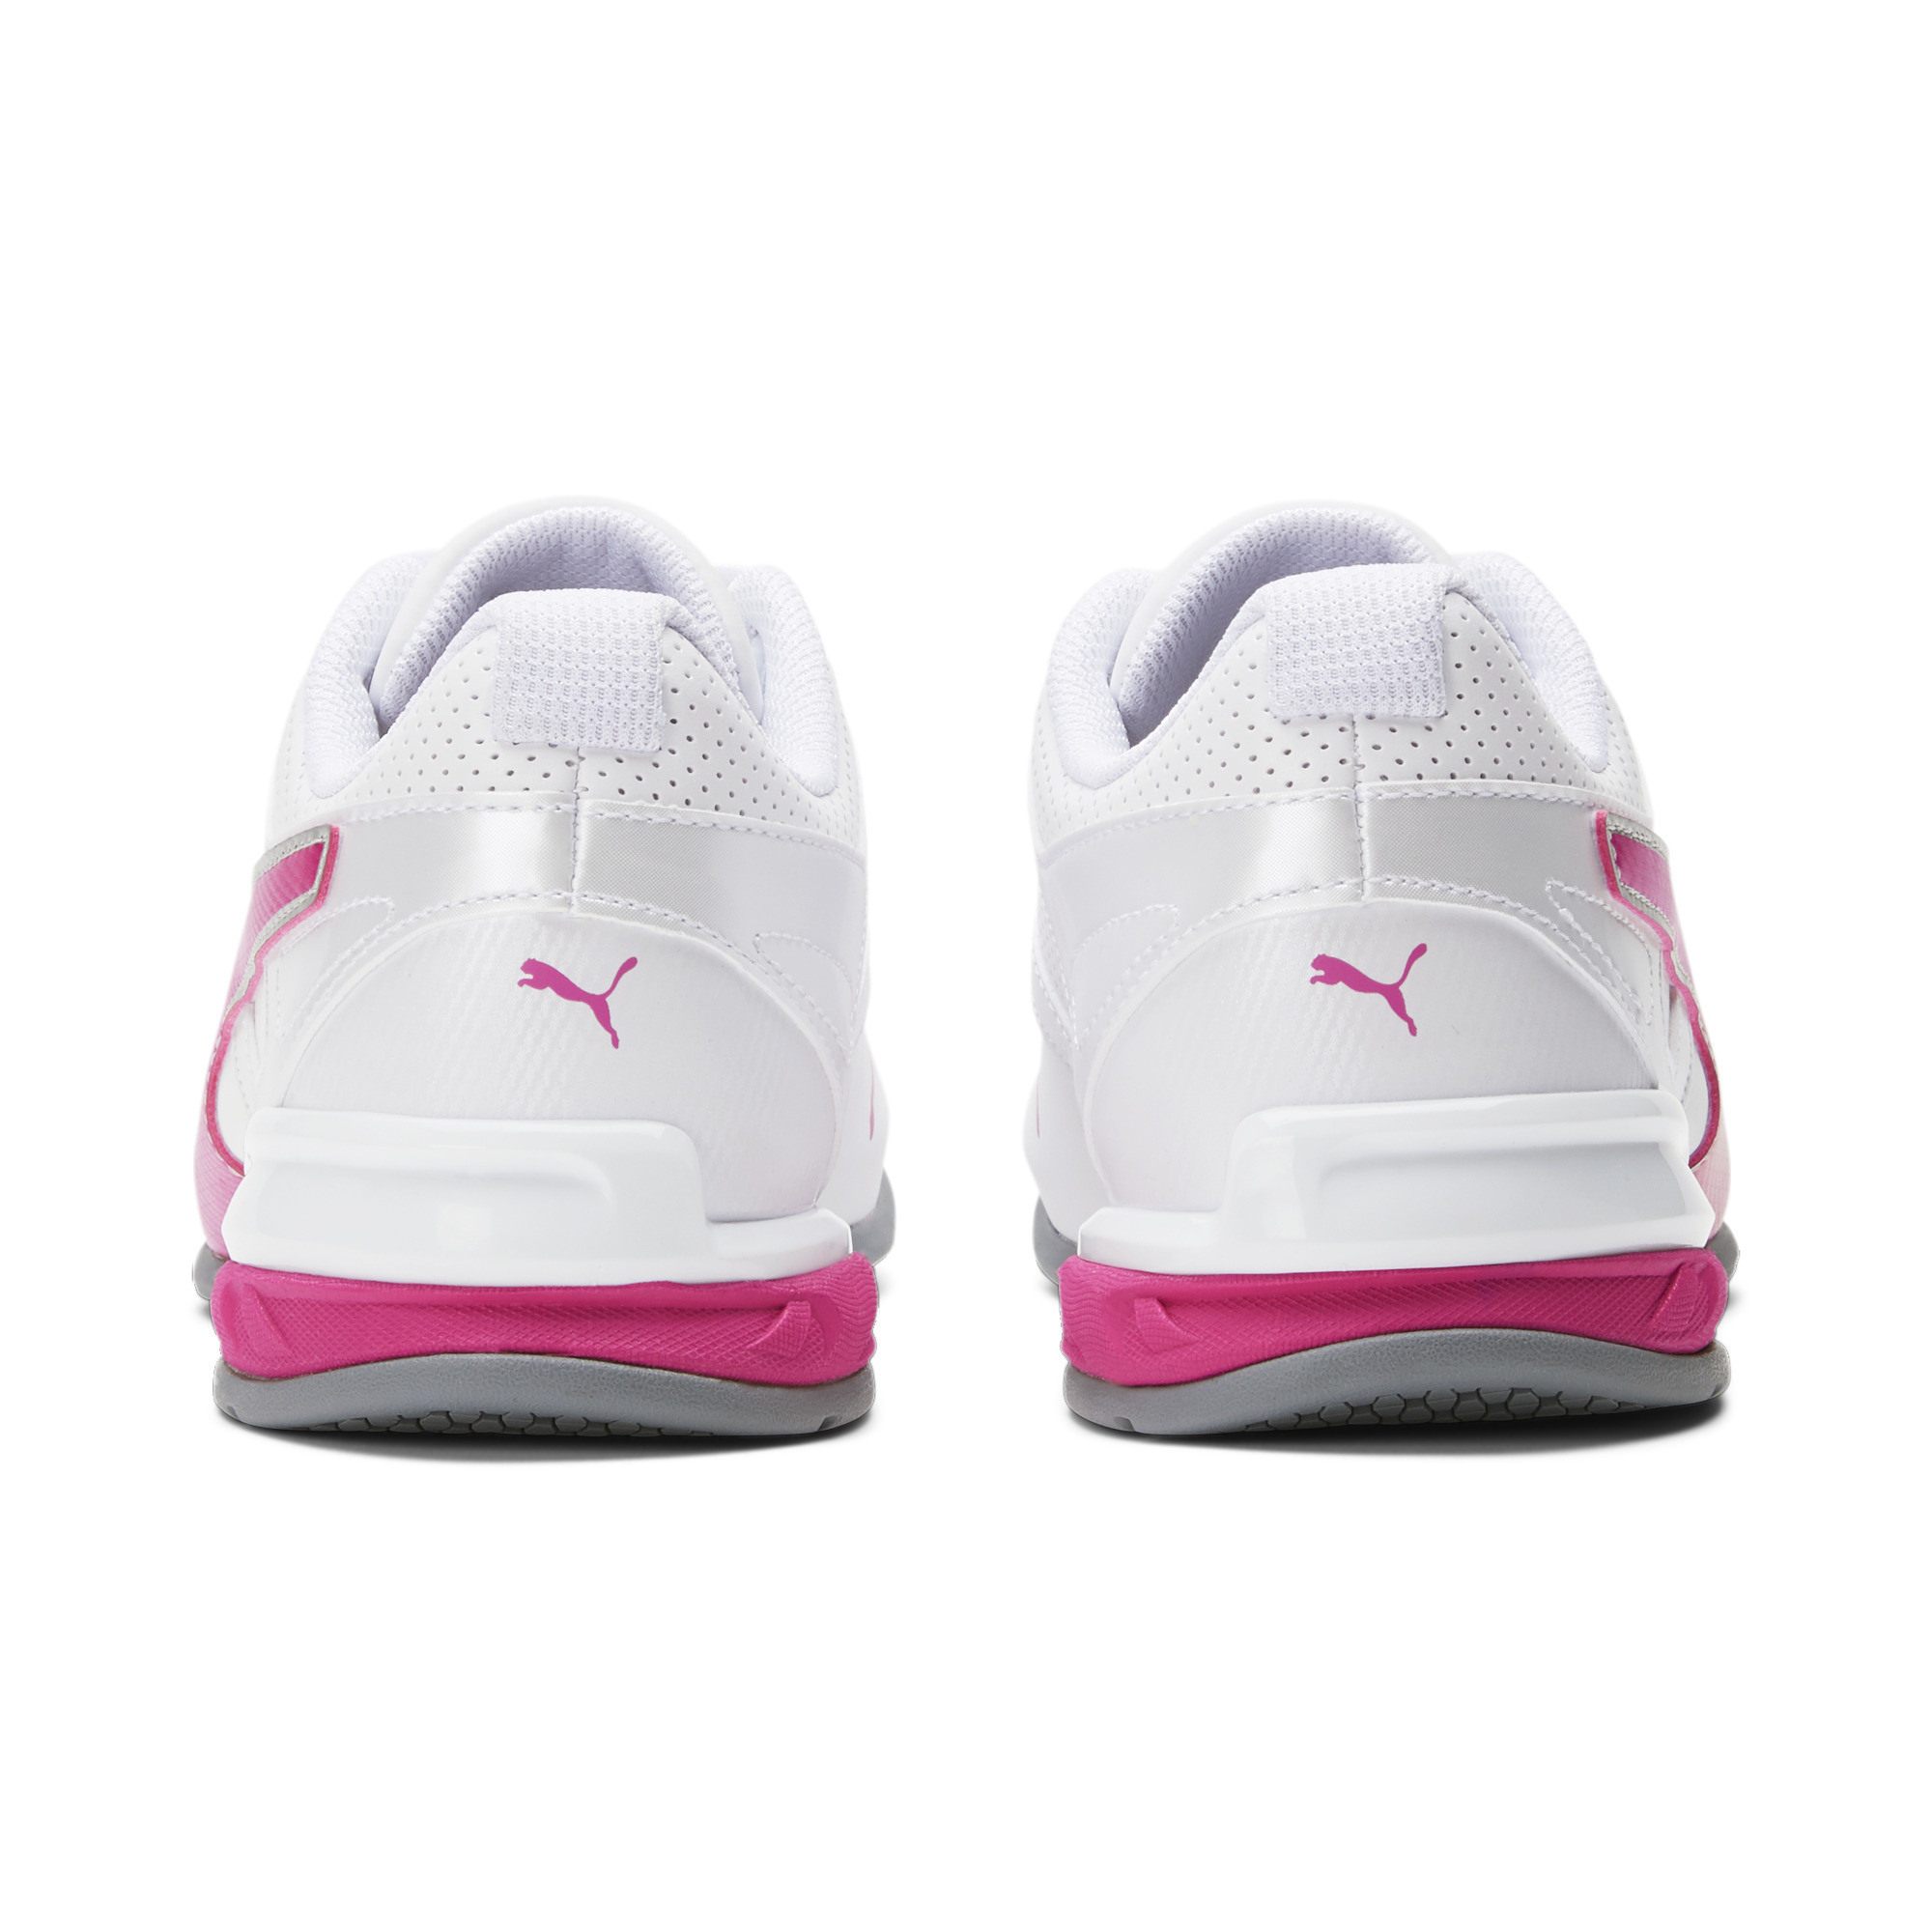 PUMA-Tazon-6-FM-Women-039-s-Sneakers-Women-Shoe-Running thumbnail 10